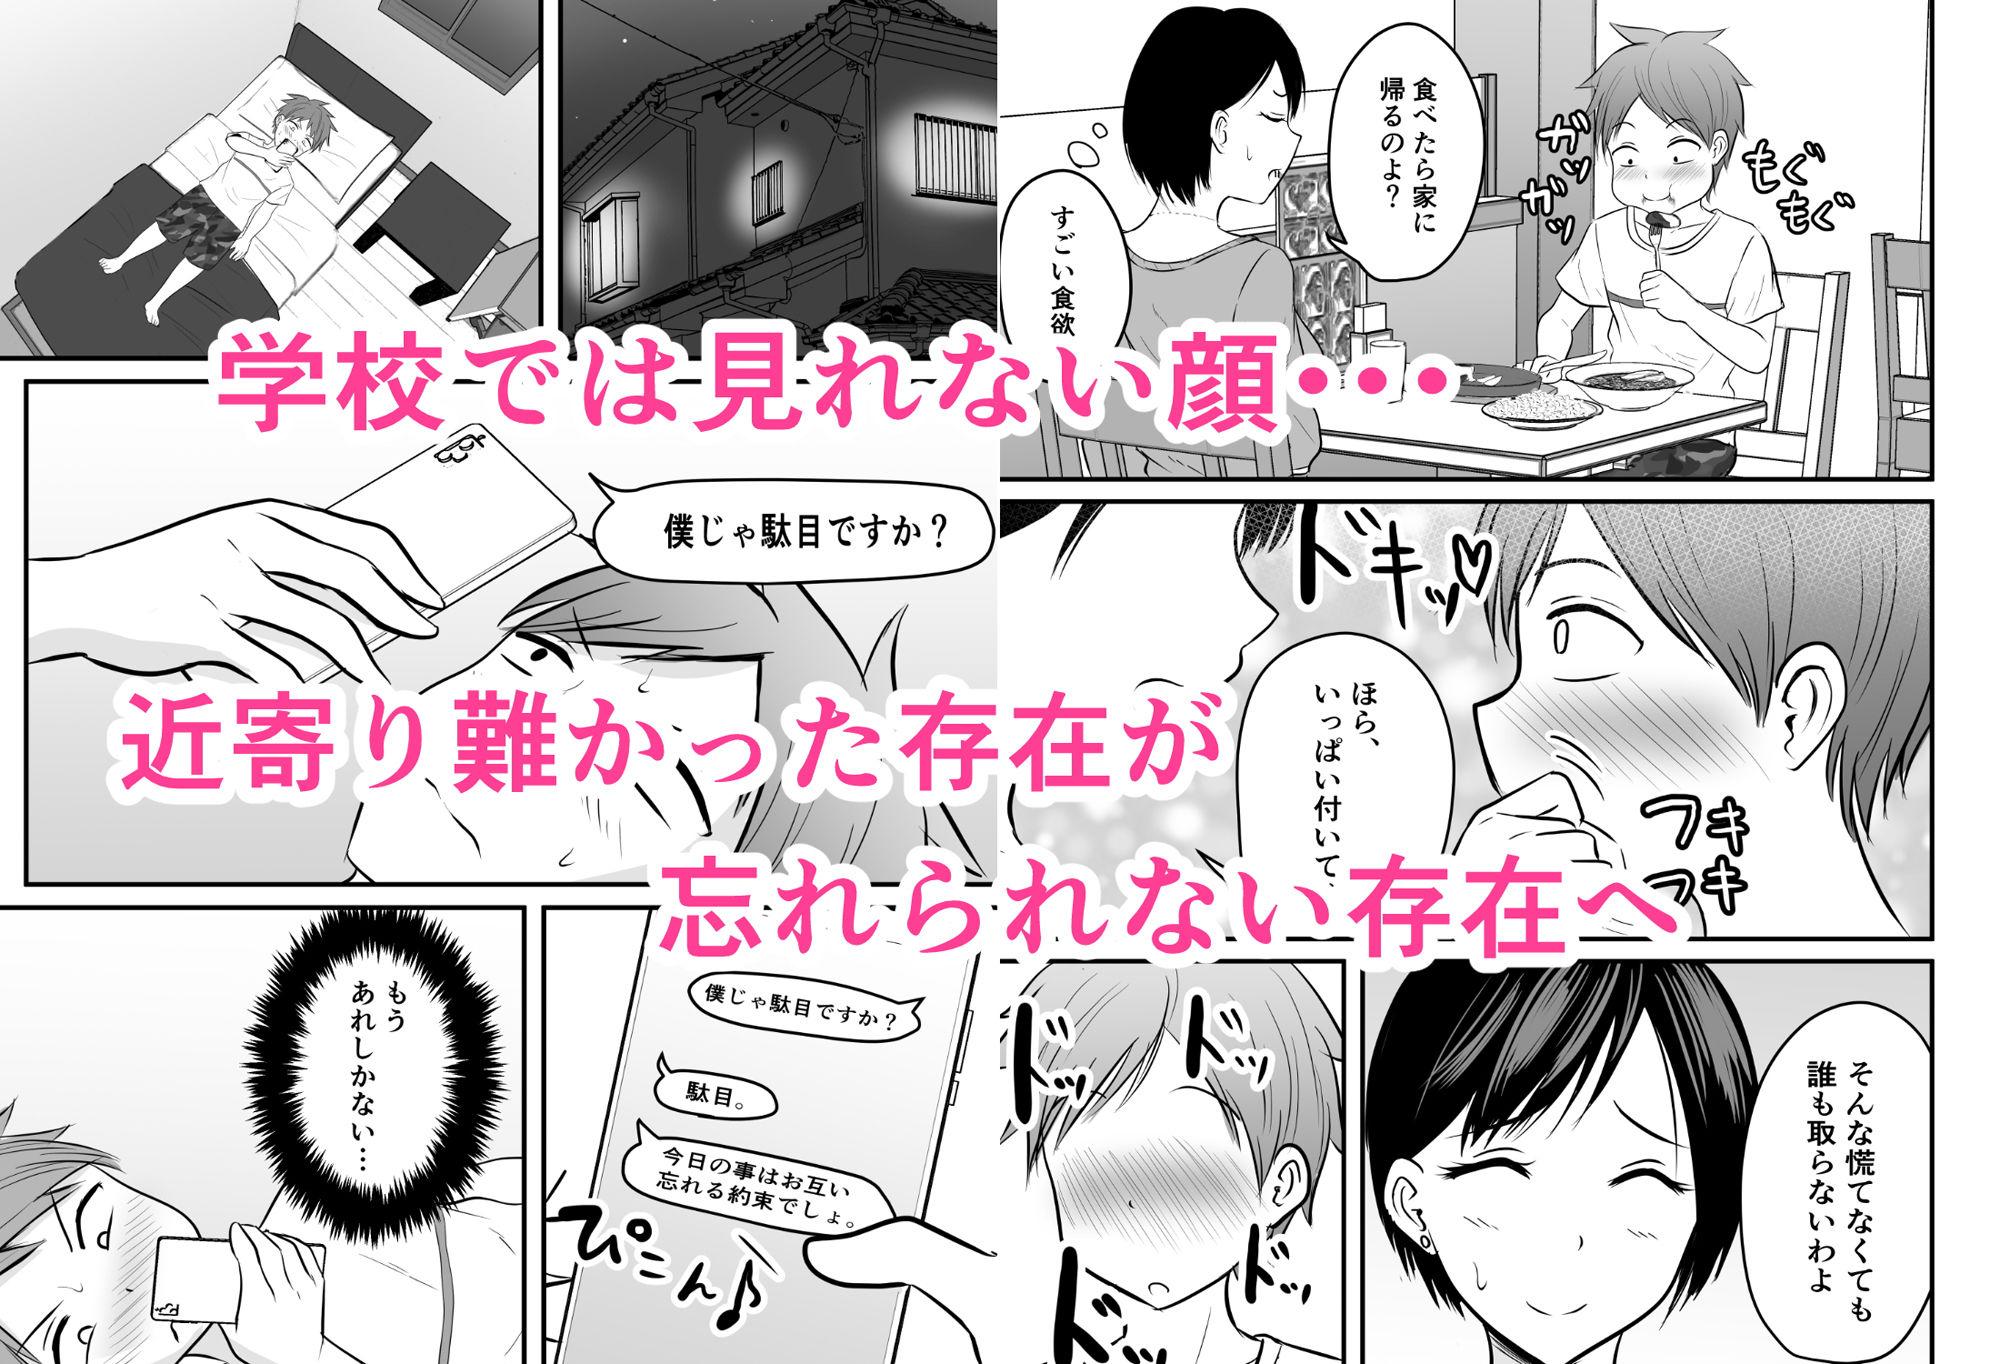 【エロ漫画】堅物な担任女教師とマッチングしたから性処理してもらって‥「サークル:ぽっぷマシンガン」【同人誌・コミック】#2